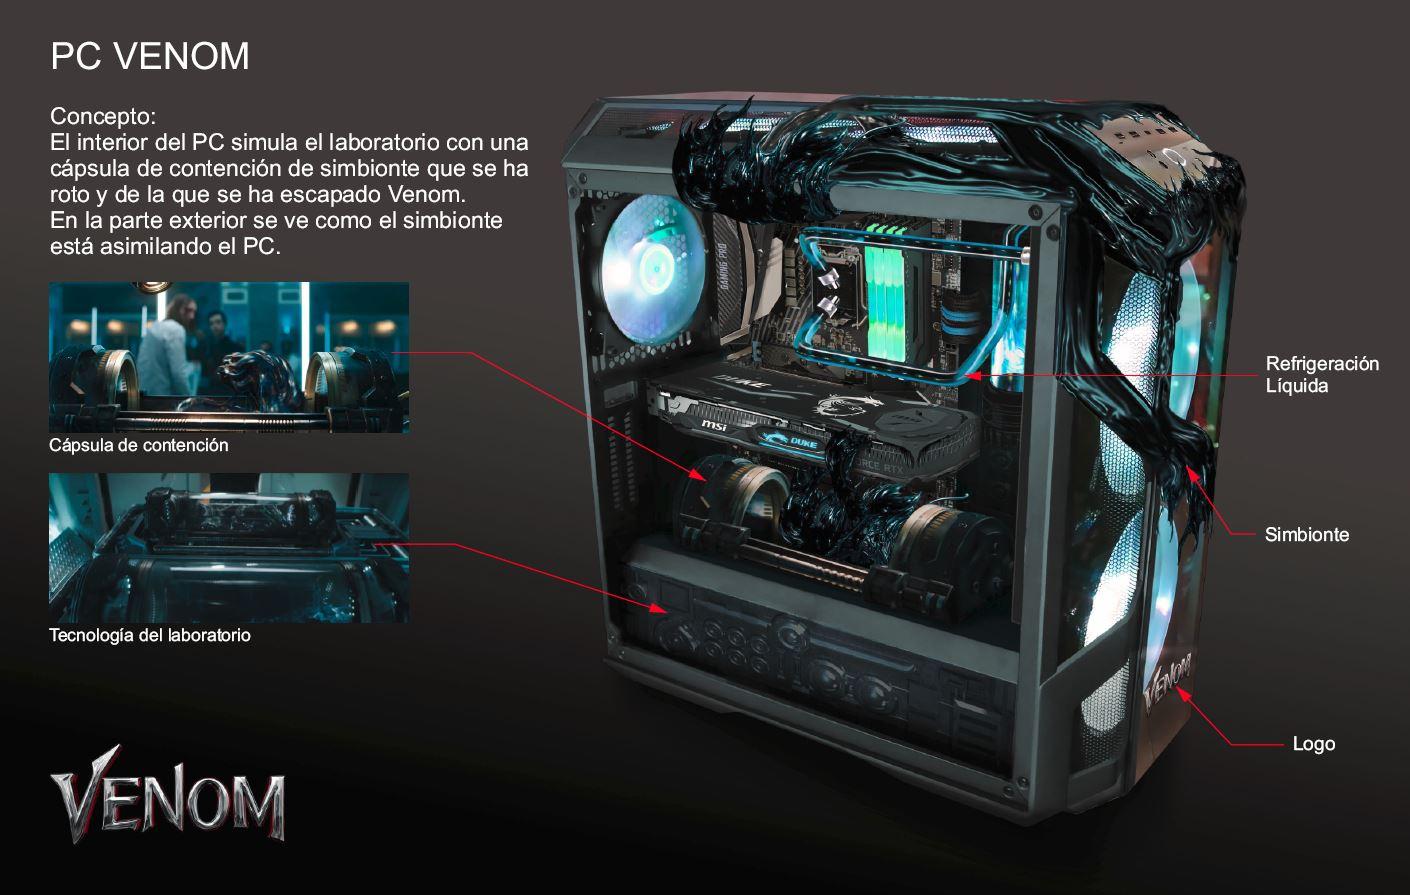 Proyecto PC VENOM